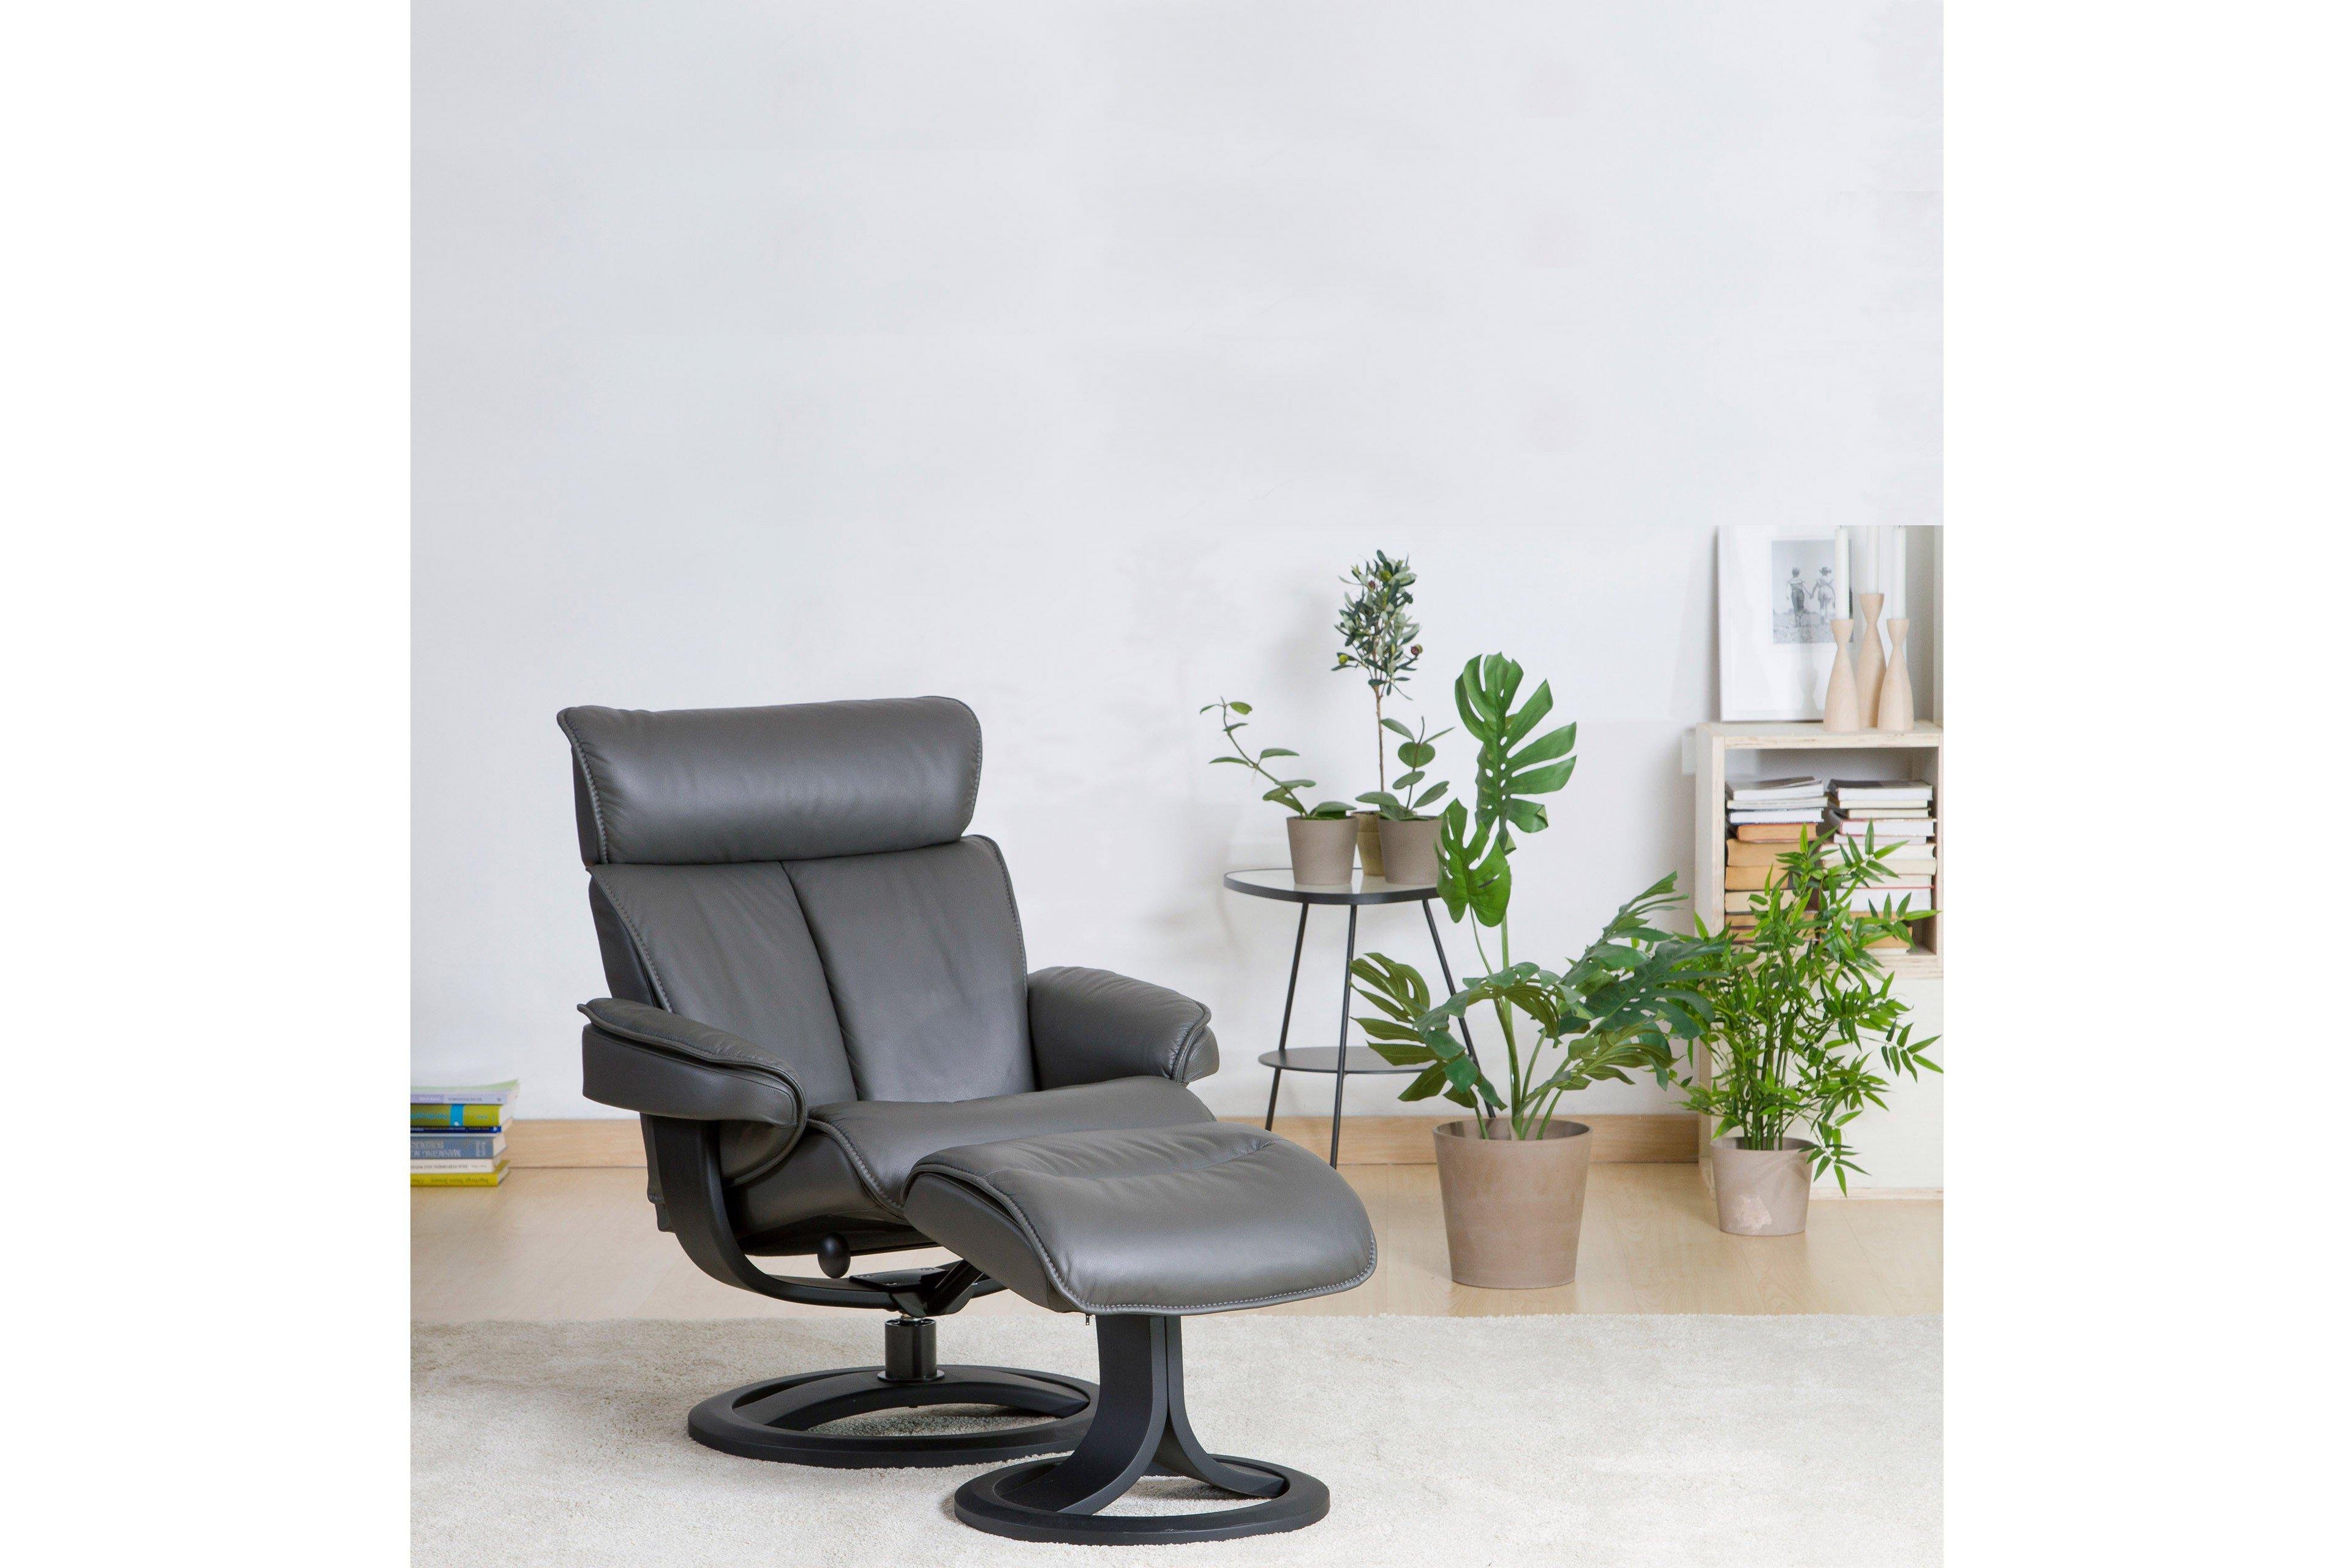 img comfort bergen sessel in grau m bel letz ihr online shop. Black Bedroom Furniture Sets. Home Design Ideas